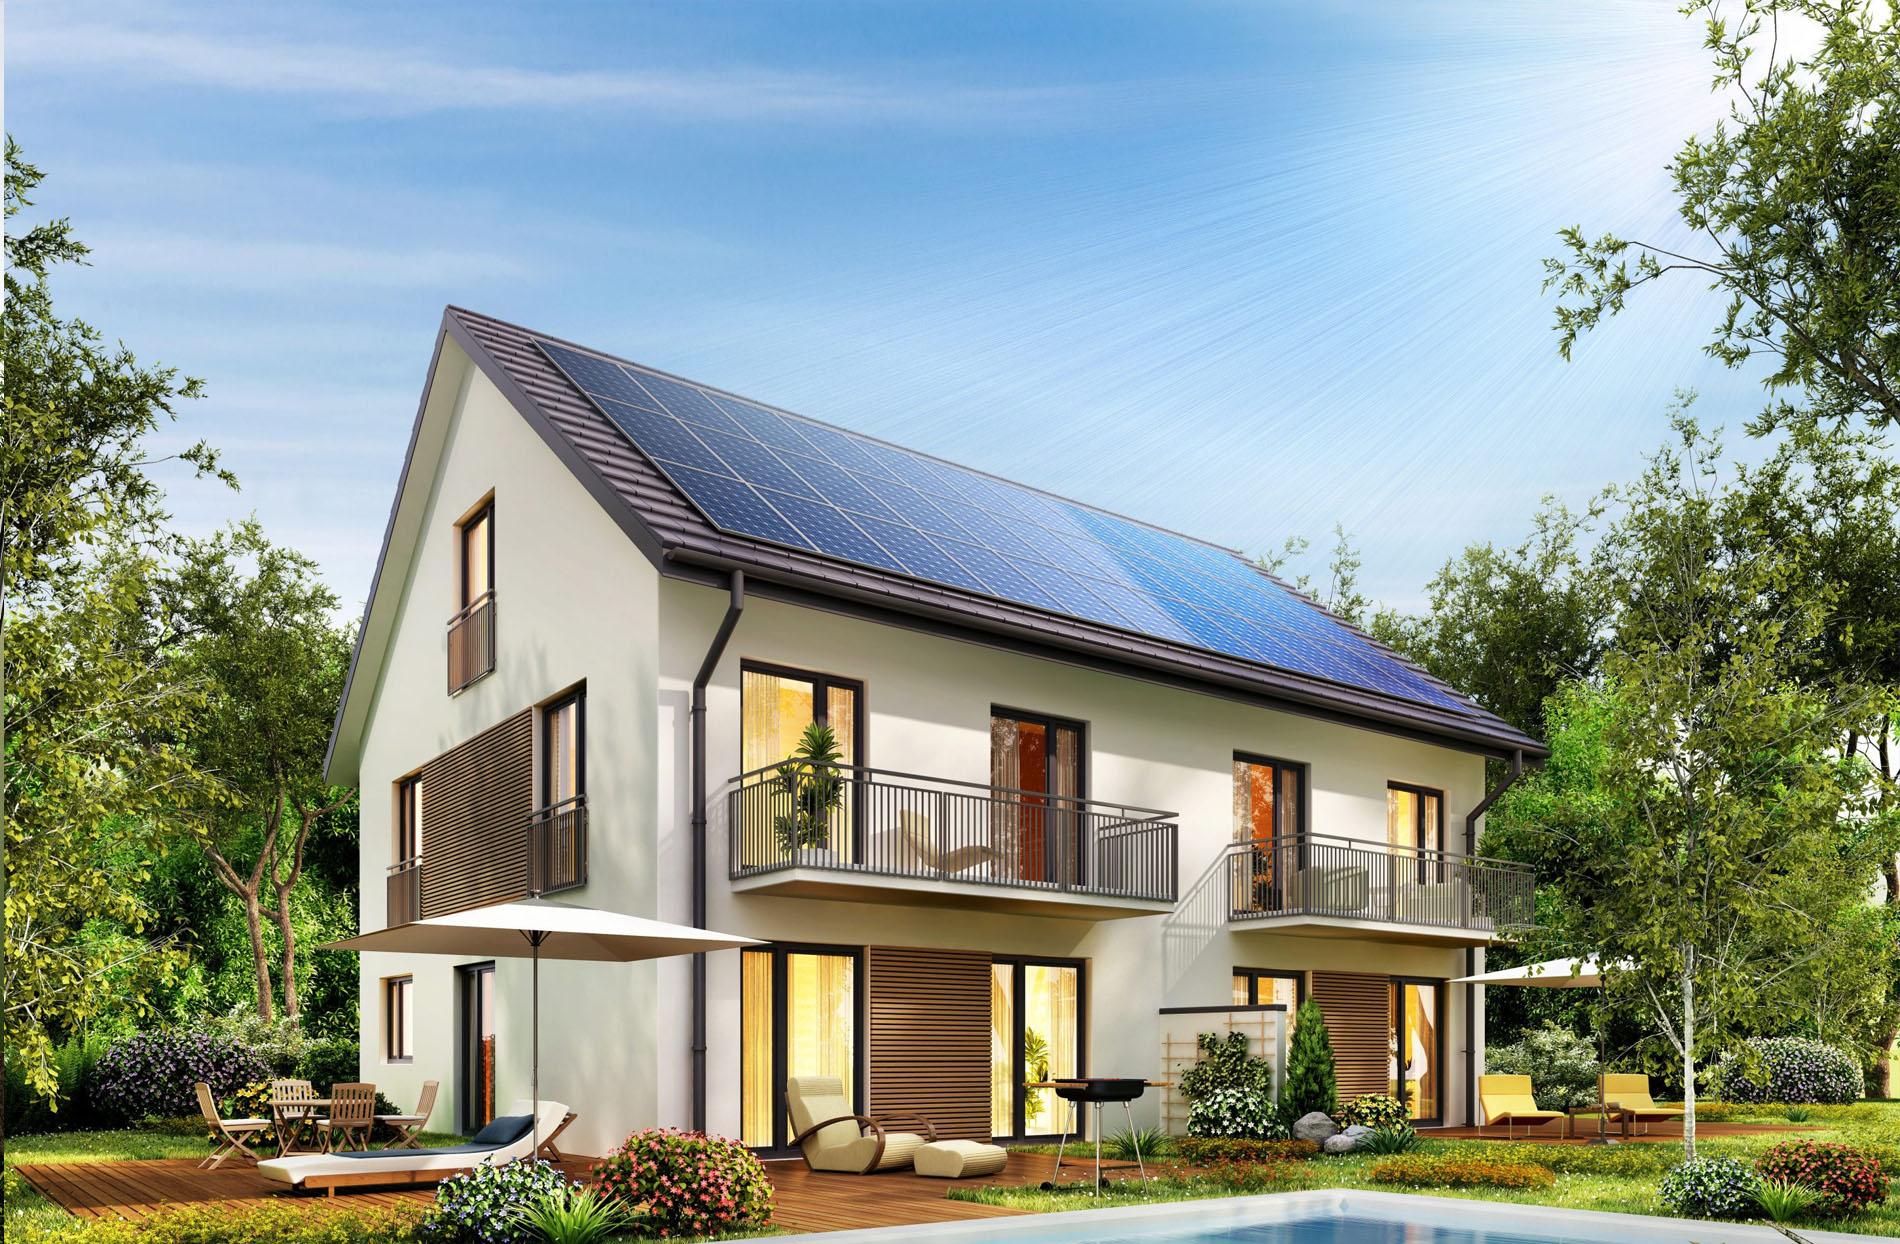 Onderhoud en schoonmaken zonnepanelen | Vincenergy